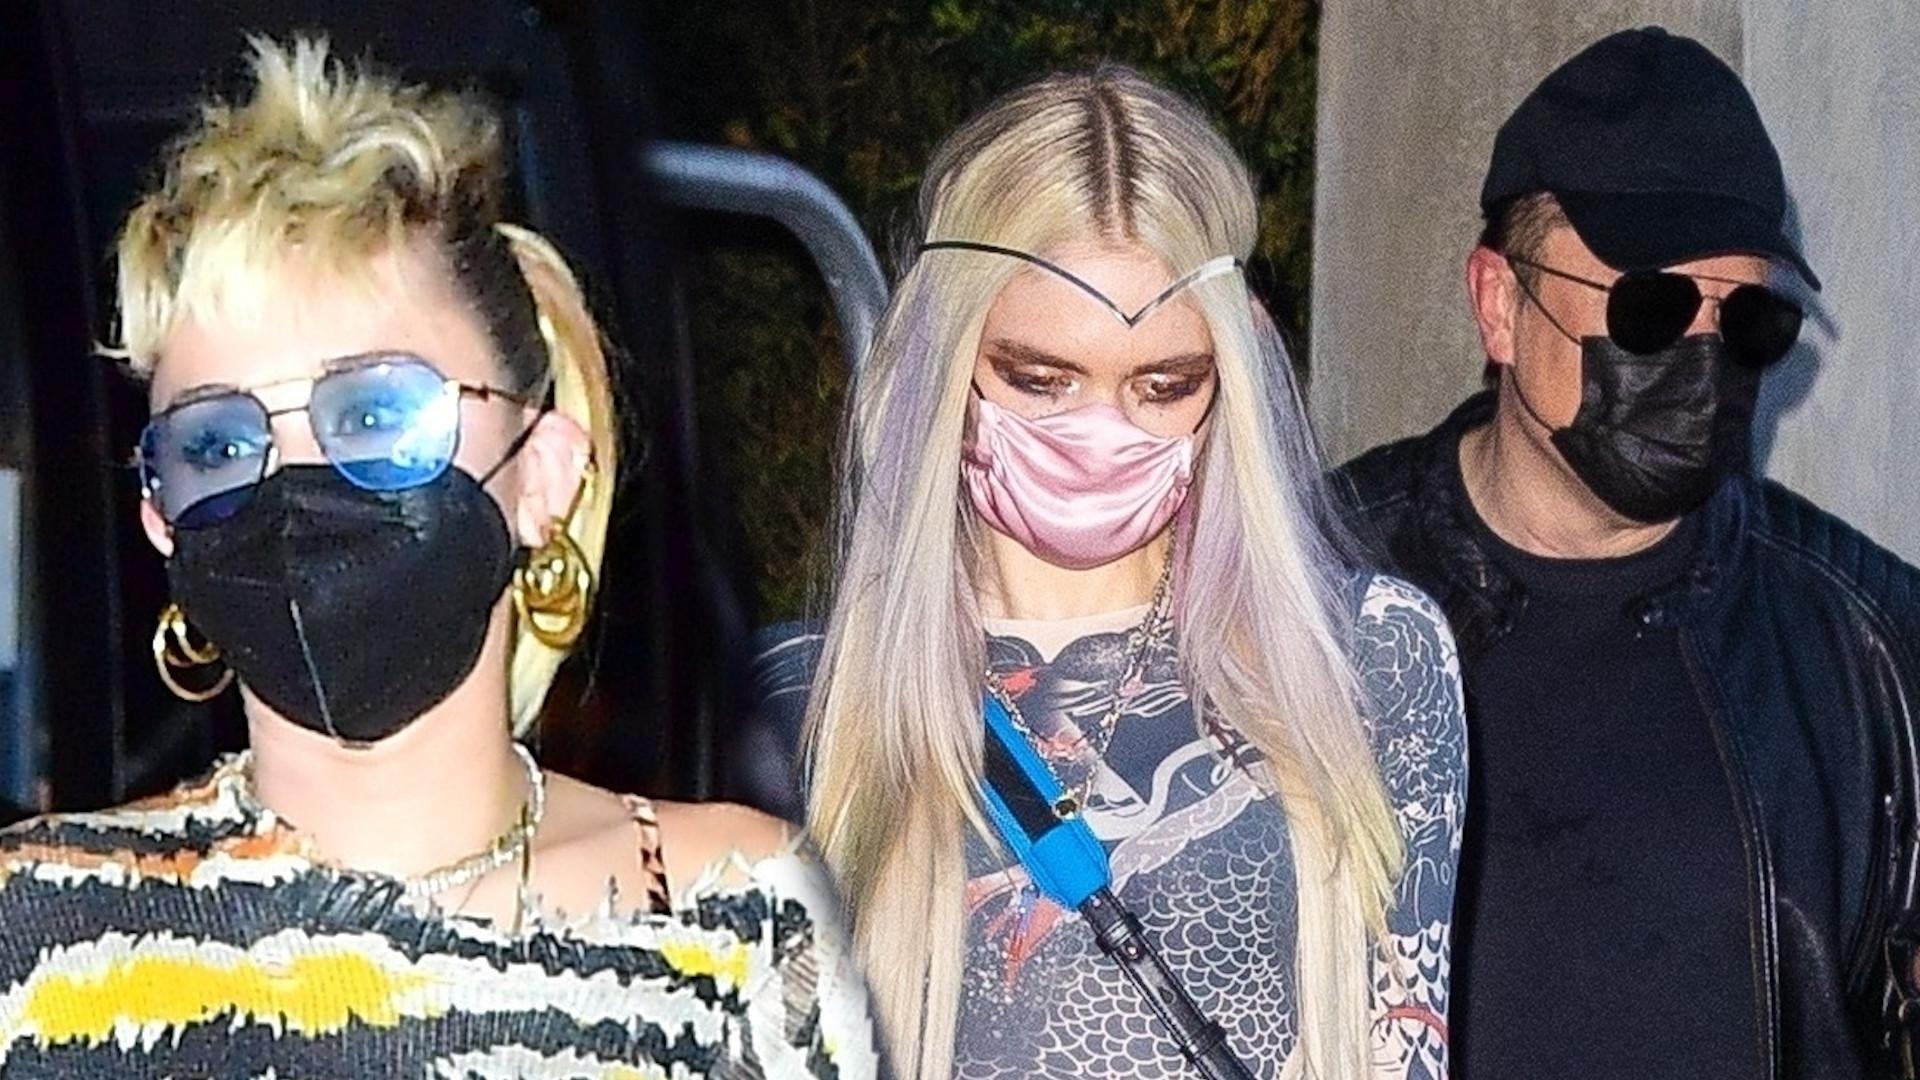 Miley Cyrusi Elon Musk wychodzą razem z klubu o 6 nad ranem (ZDJĘCIA)